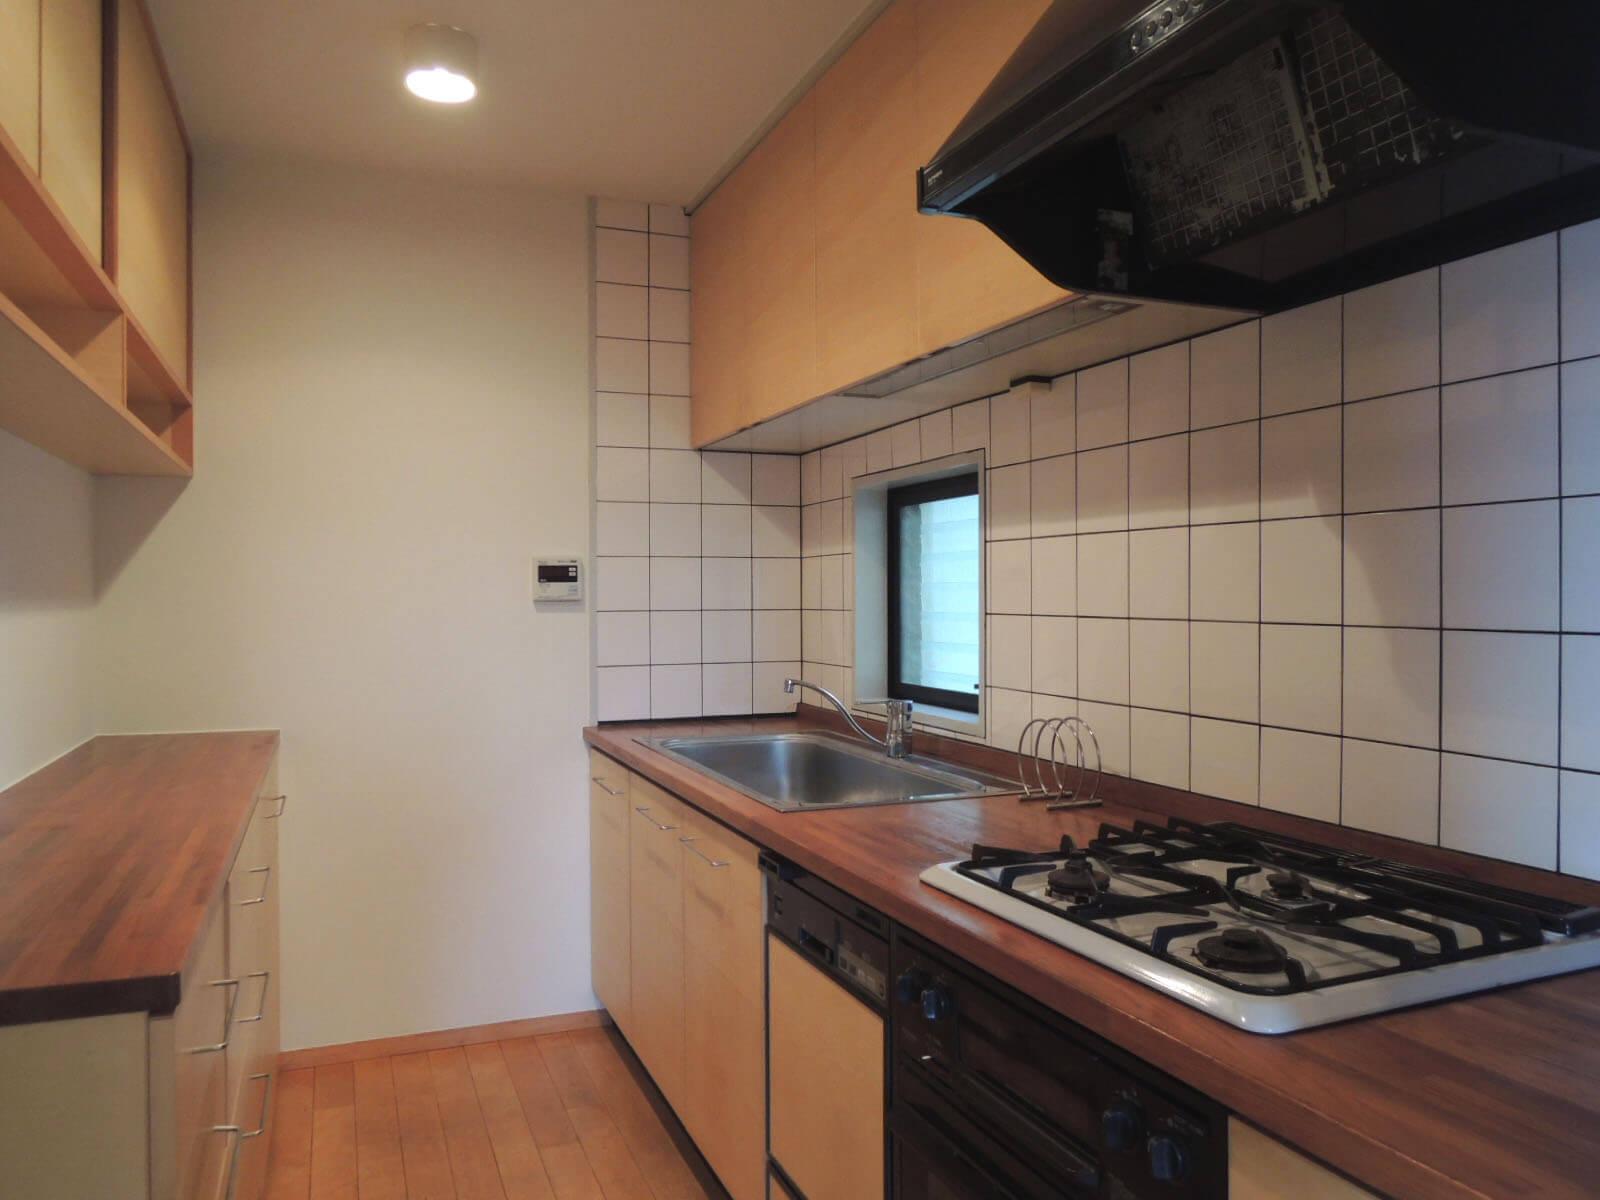 天板や戸棚など、オリジナルで作り変えられている箇所も。